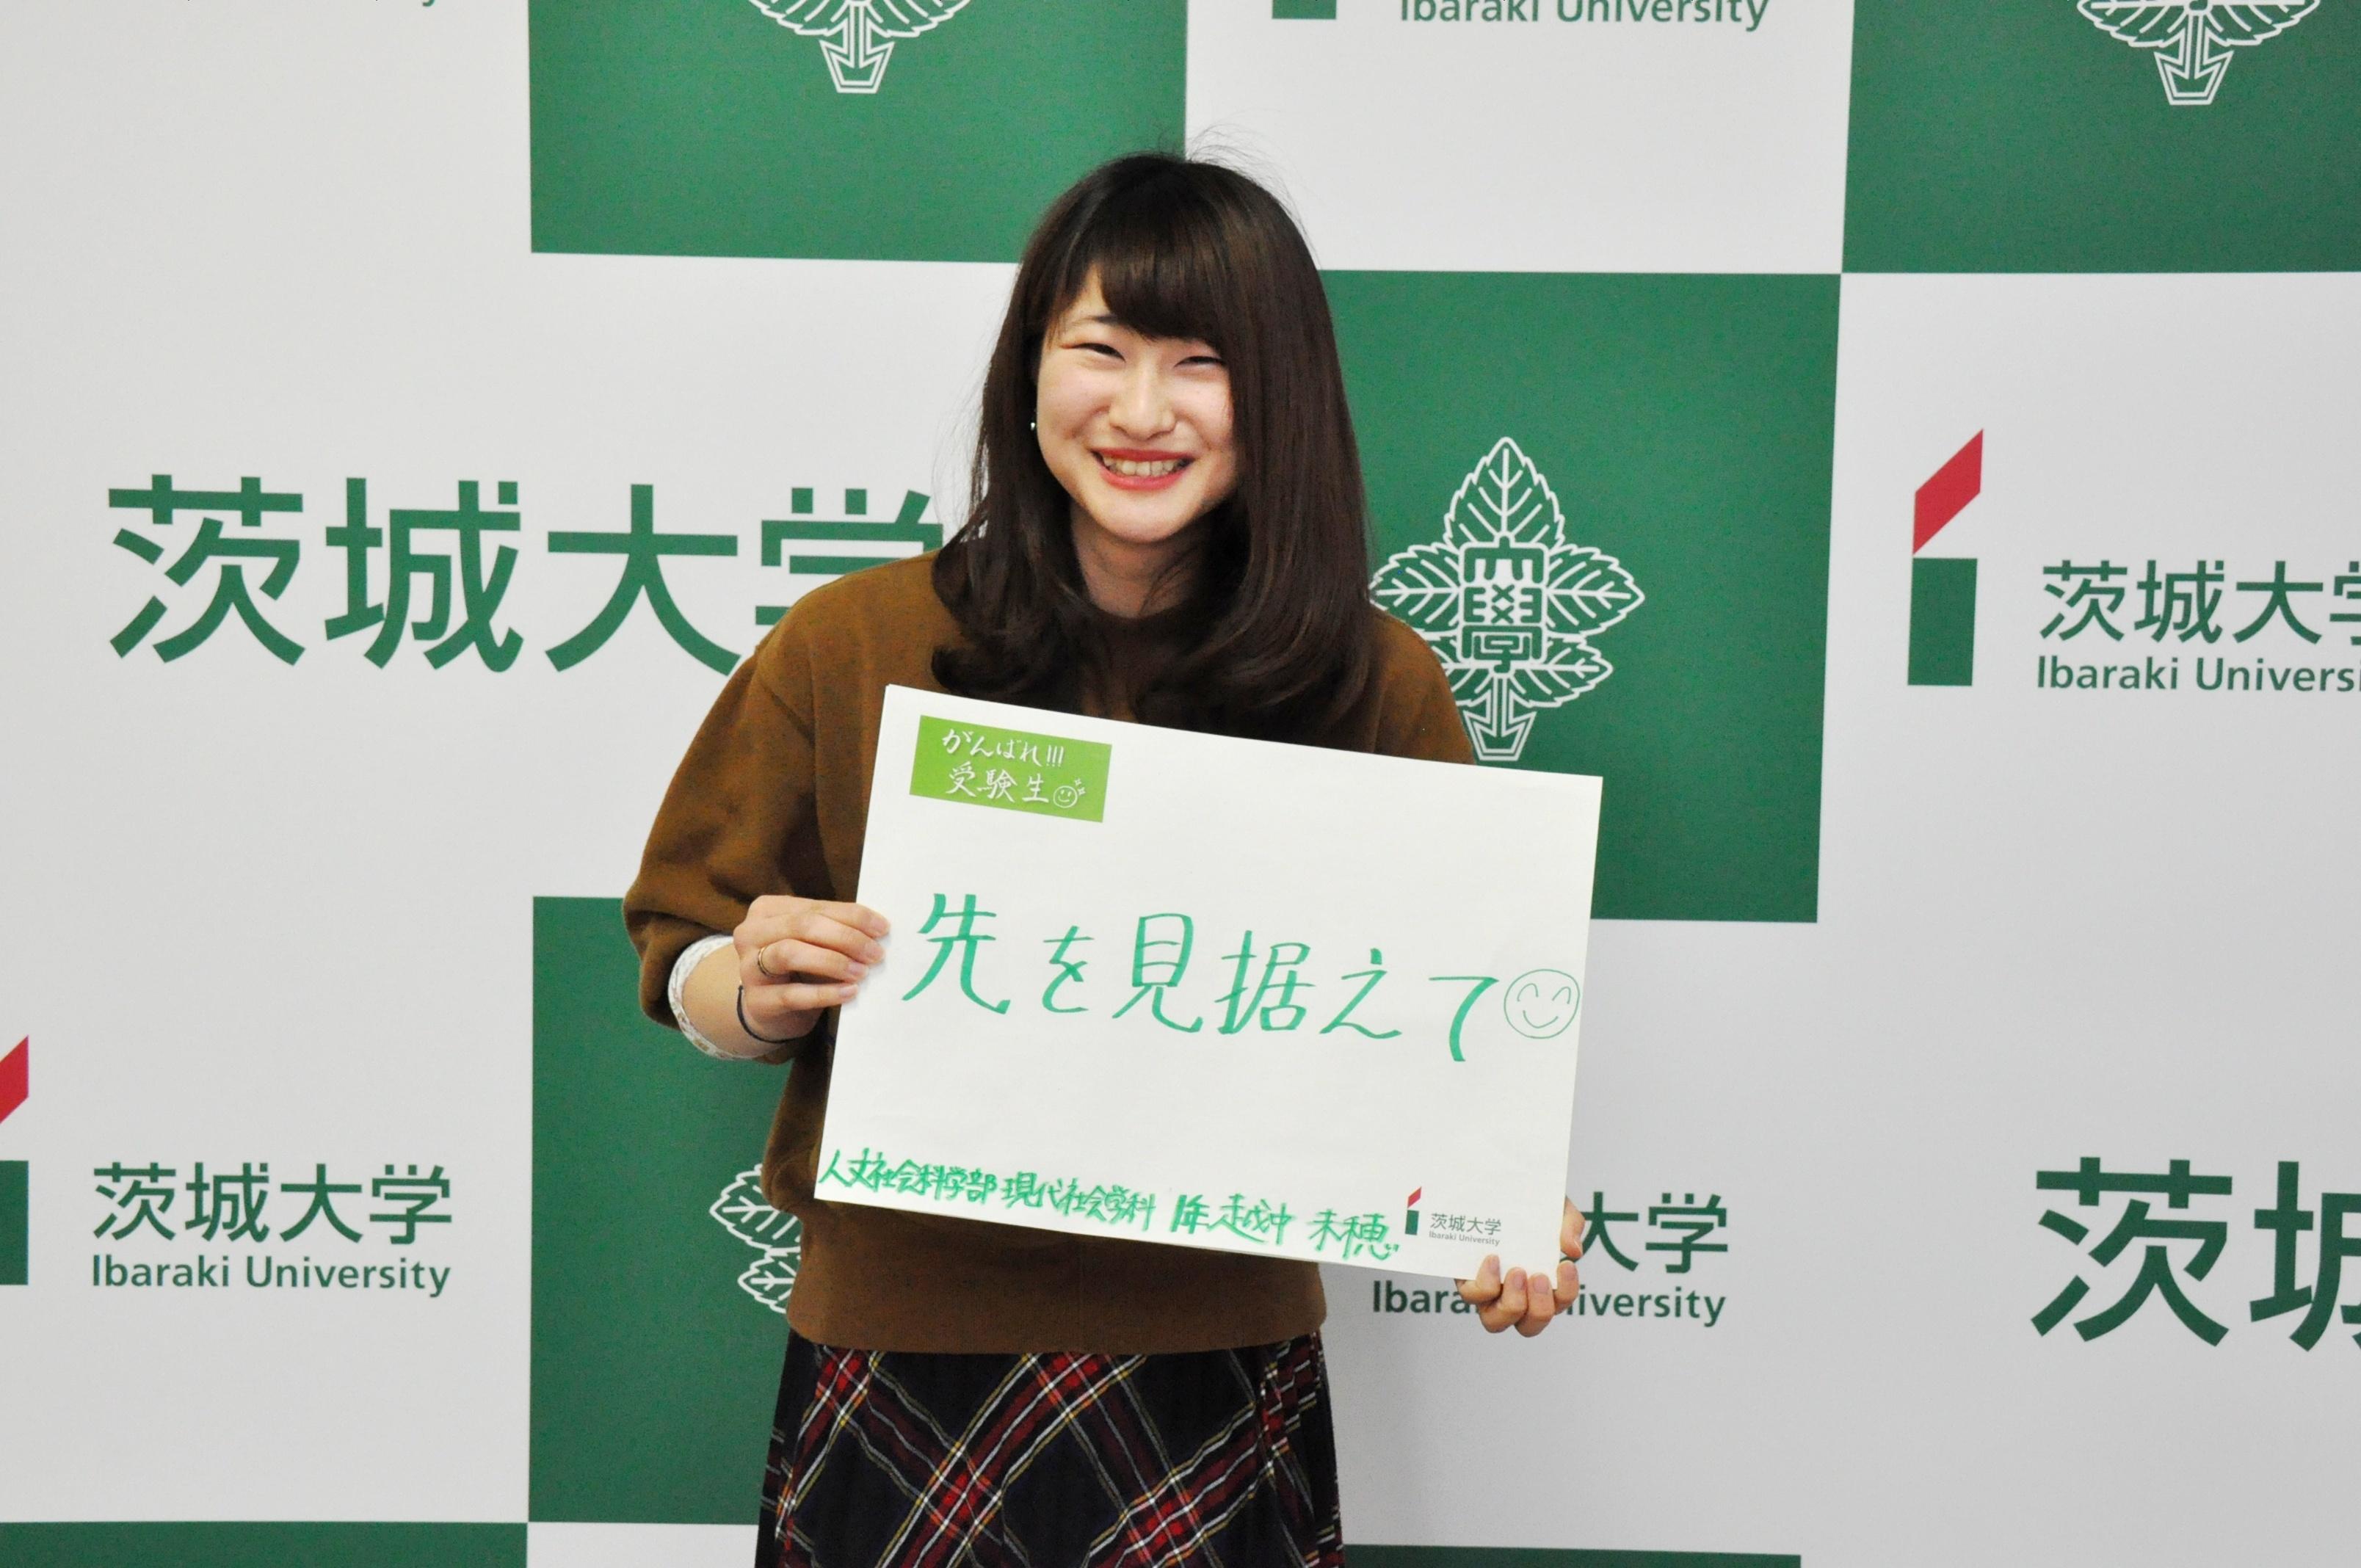 http://www.ibaraki.ac.jp/commit/2018/01/16/img/DSC_0016ibdaikh20180116_016.JPG